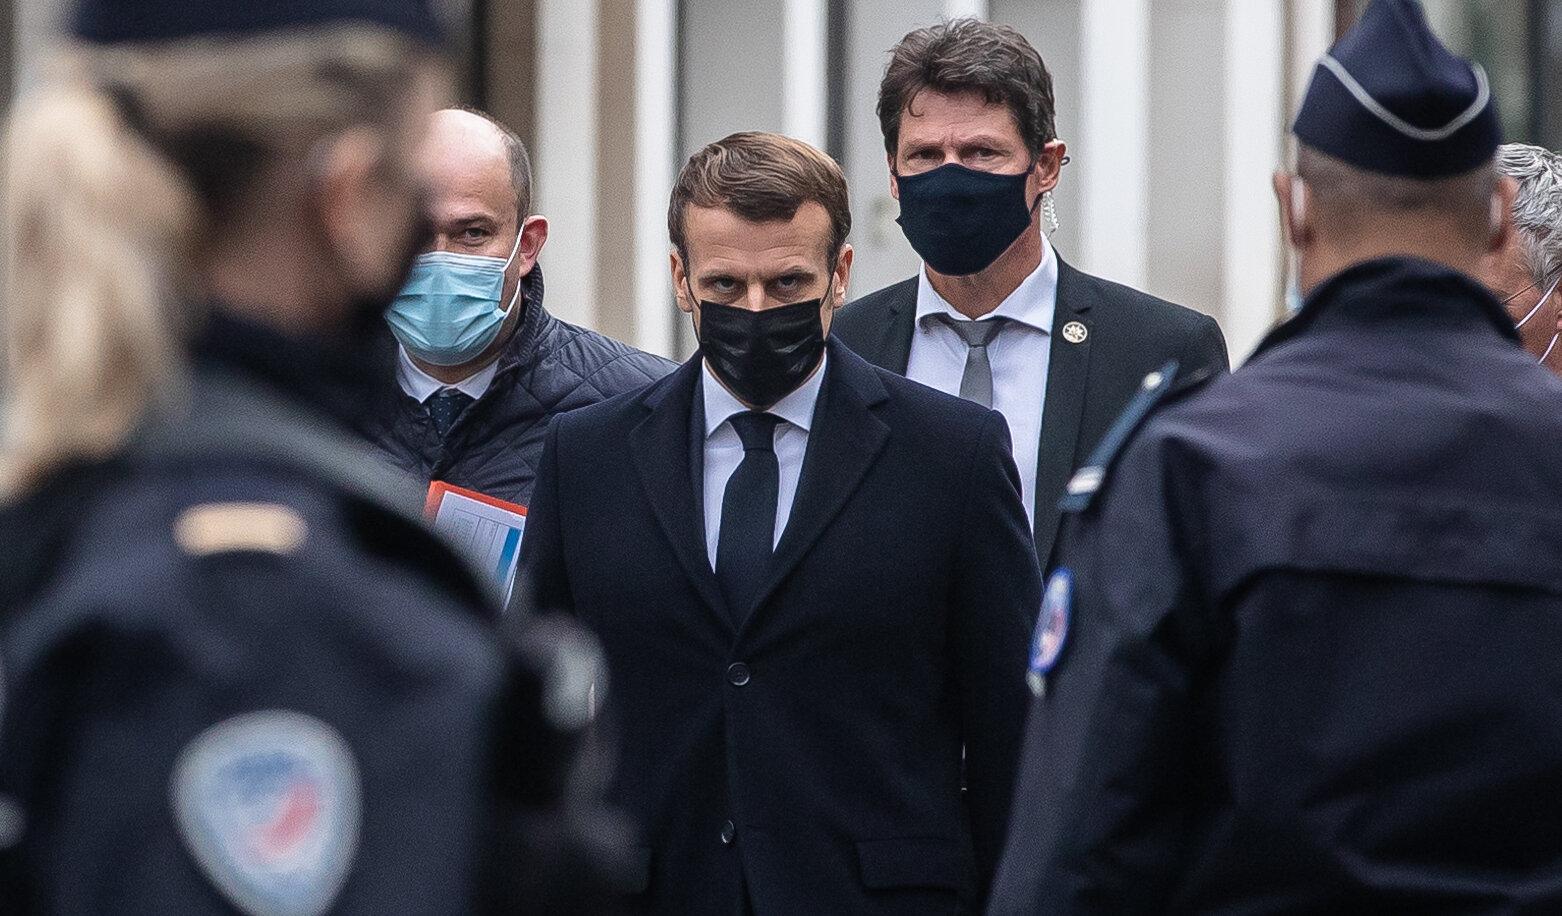 Ce l-a determinat pe Macron să instituie o nouă izolare. Elementele care arată că virusul a fost scăpat de sub control